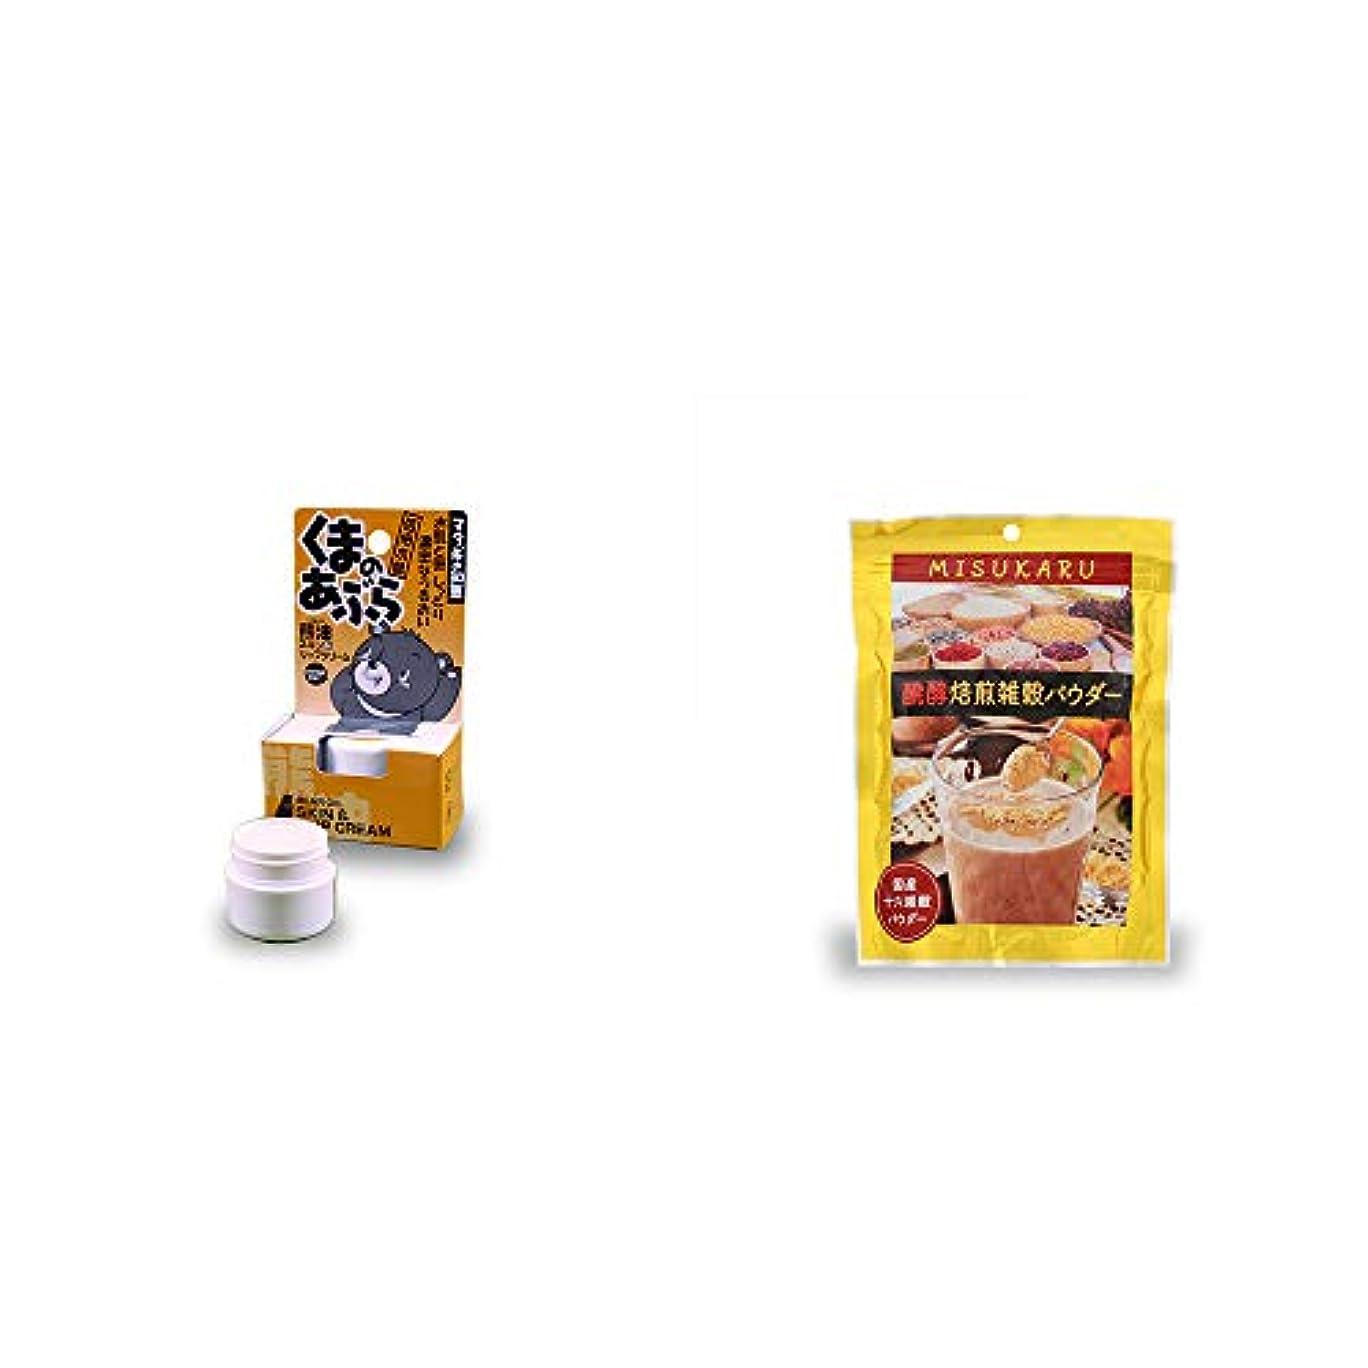 印象的なやむを得ない杖[2点セット] 信州木曽 くまのあぶら 熊油スキン&リップクリーム(9g)?醗酵焙煎雑穀パウダー MISUKARU(ミスカル)(200g)